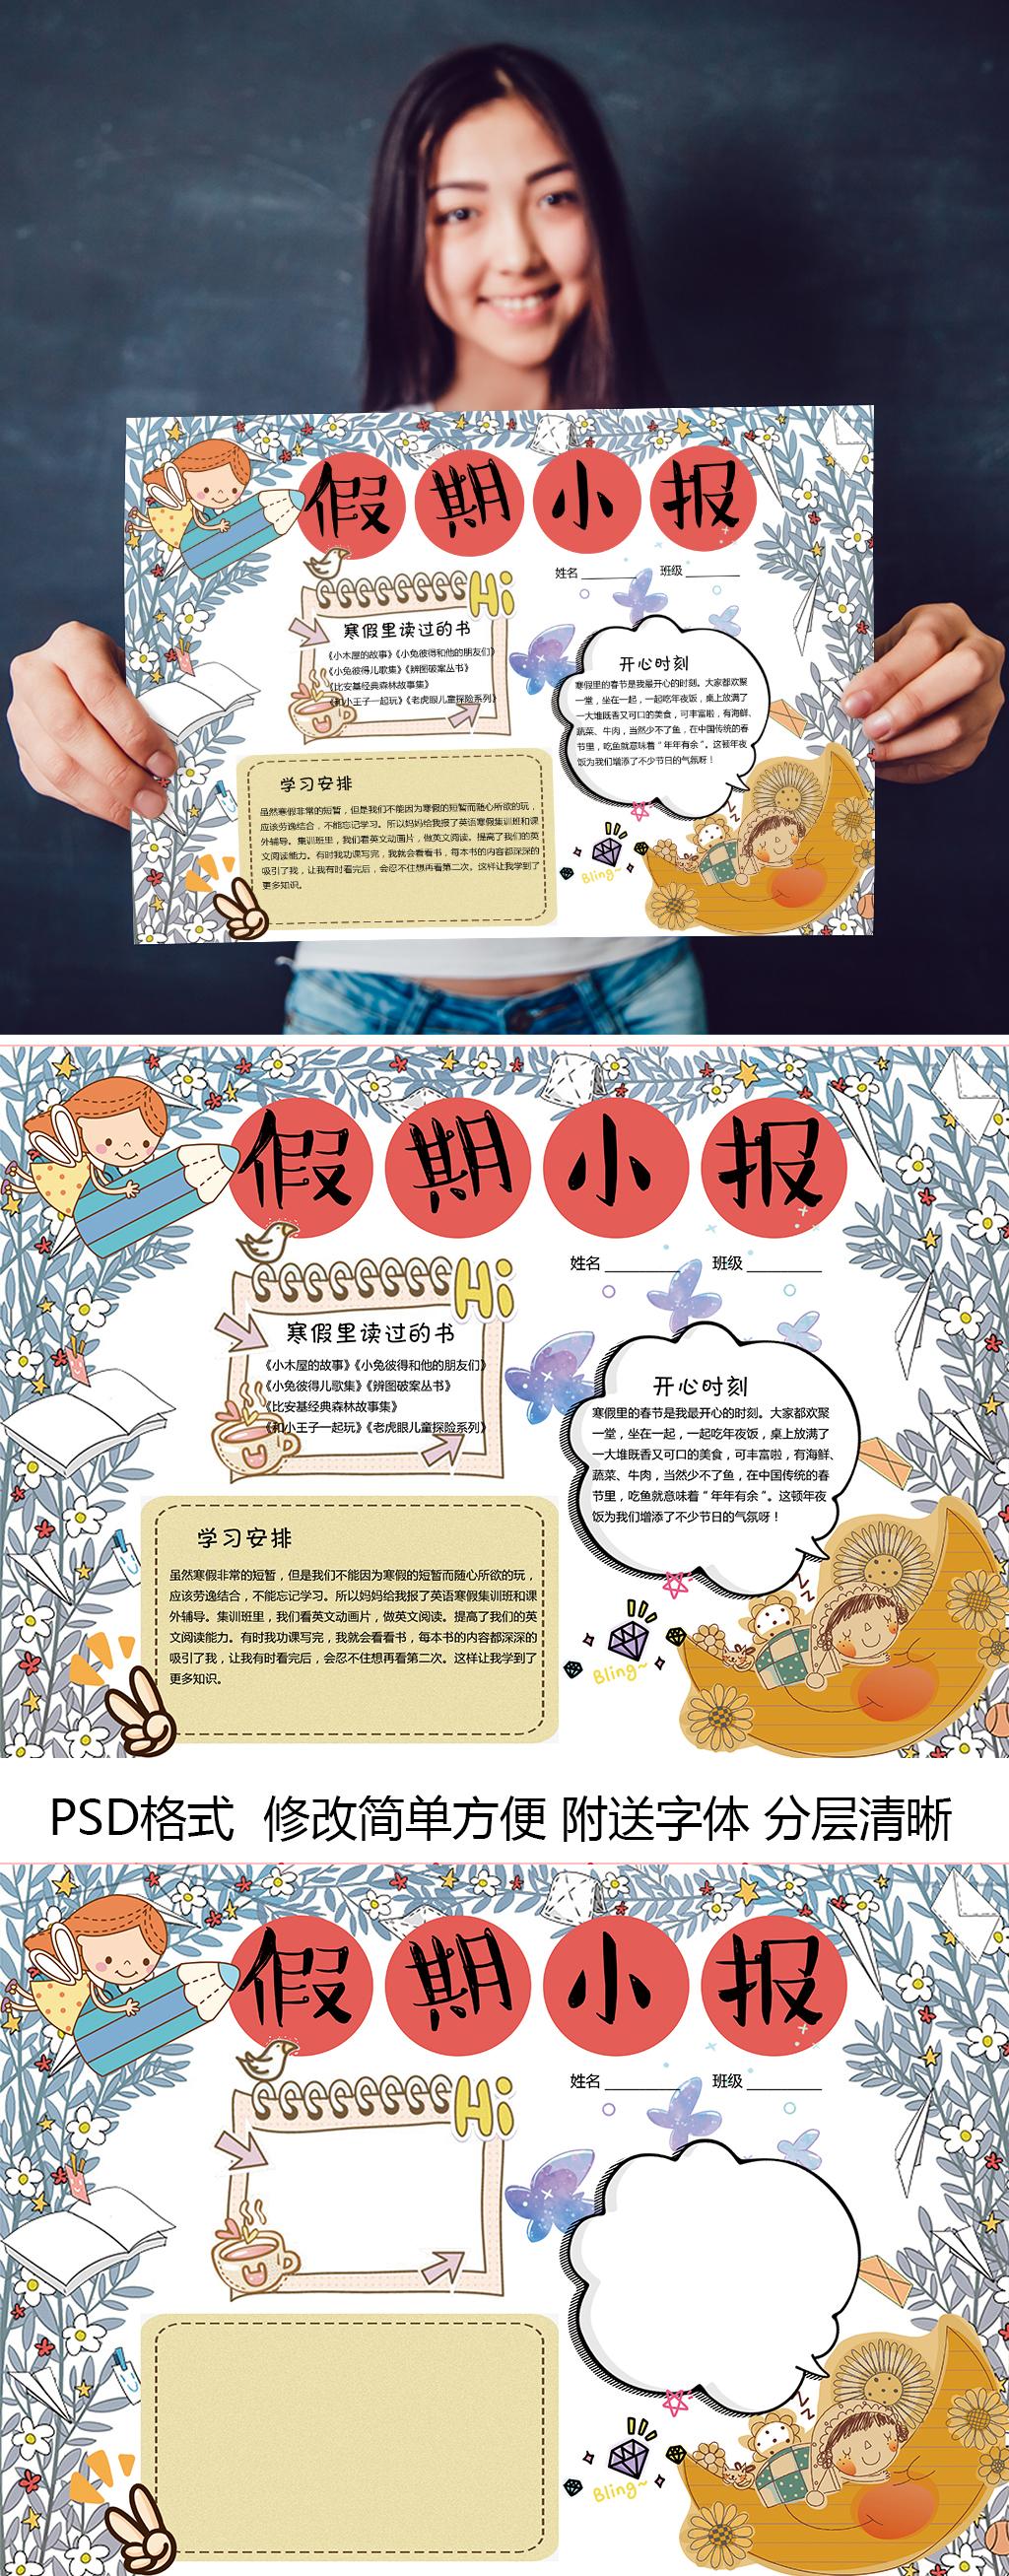 鸡年寒假小报手抄报版面设计模板图片